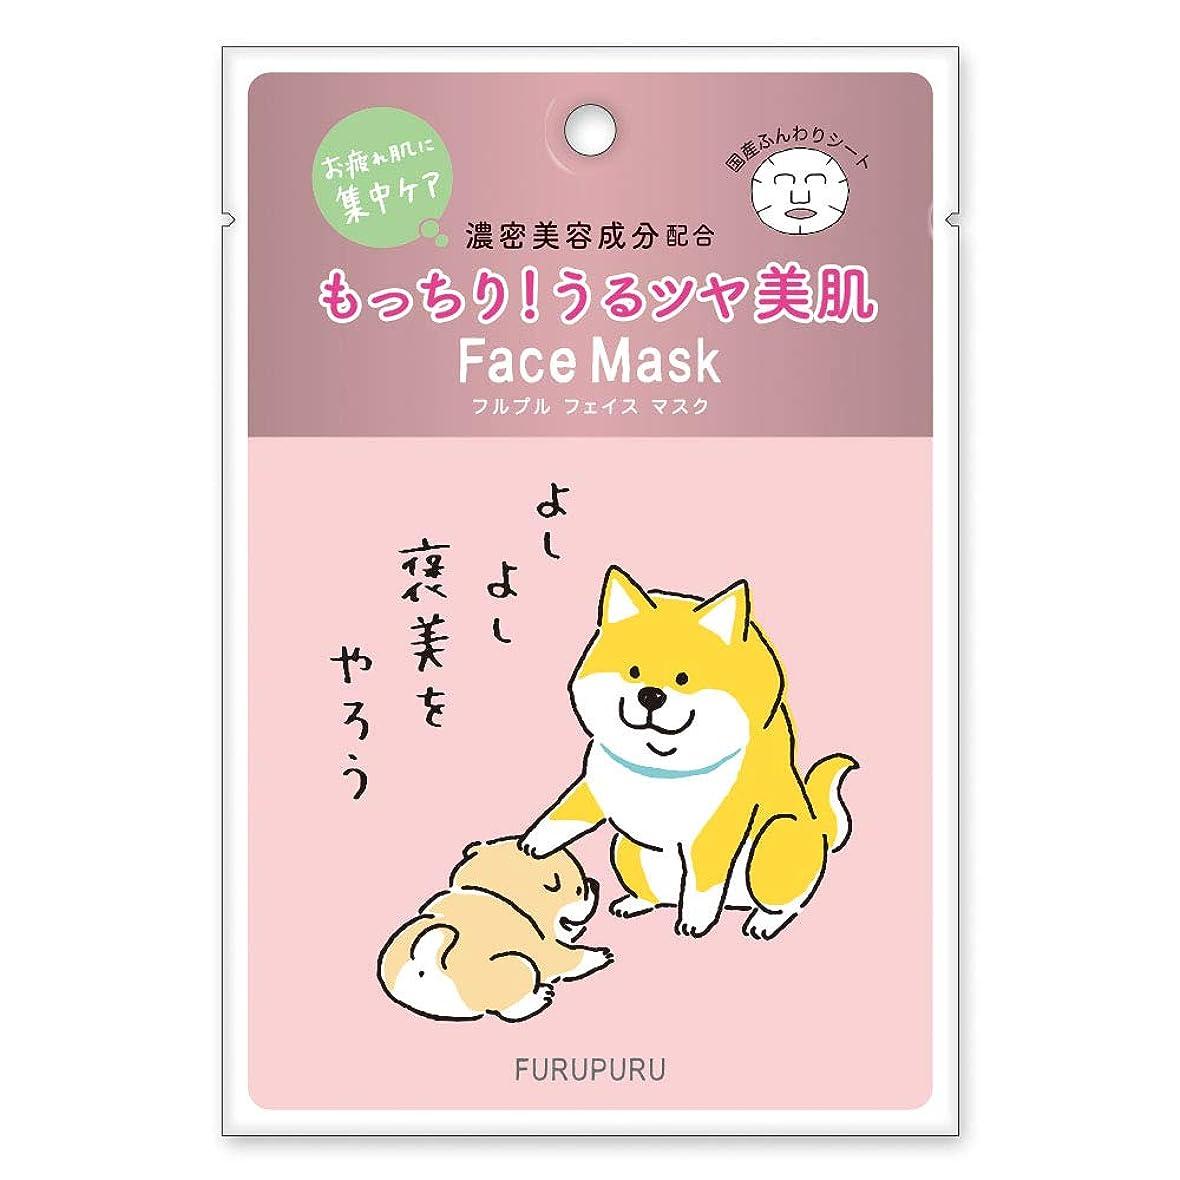 自殺億労苦フルプルフェイスマスク しばんばん 褒美をやろう やさしく香る天然ローズの香り 30g